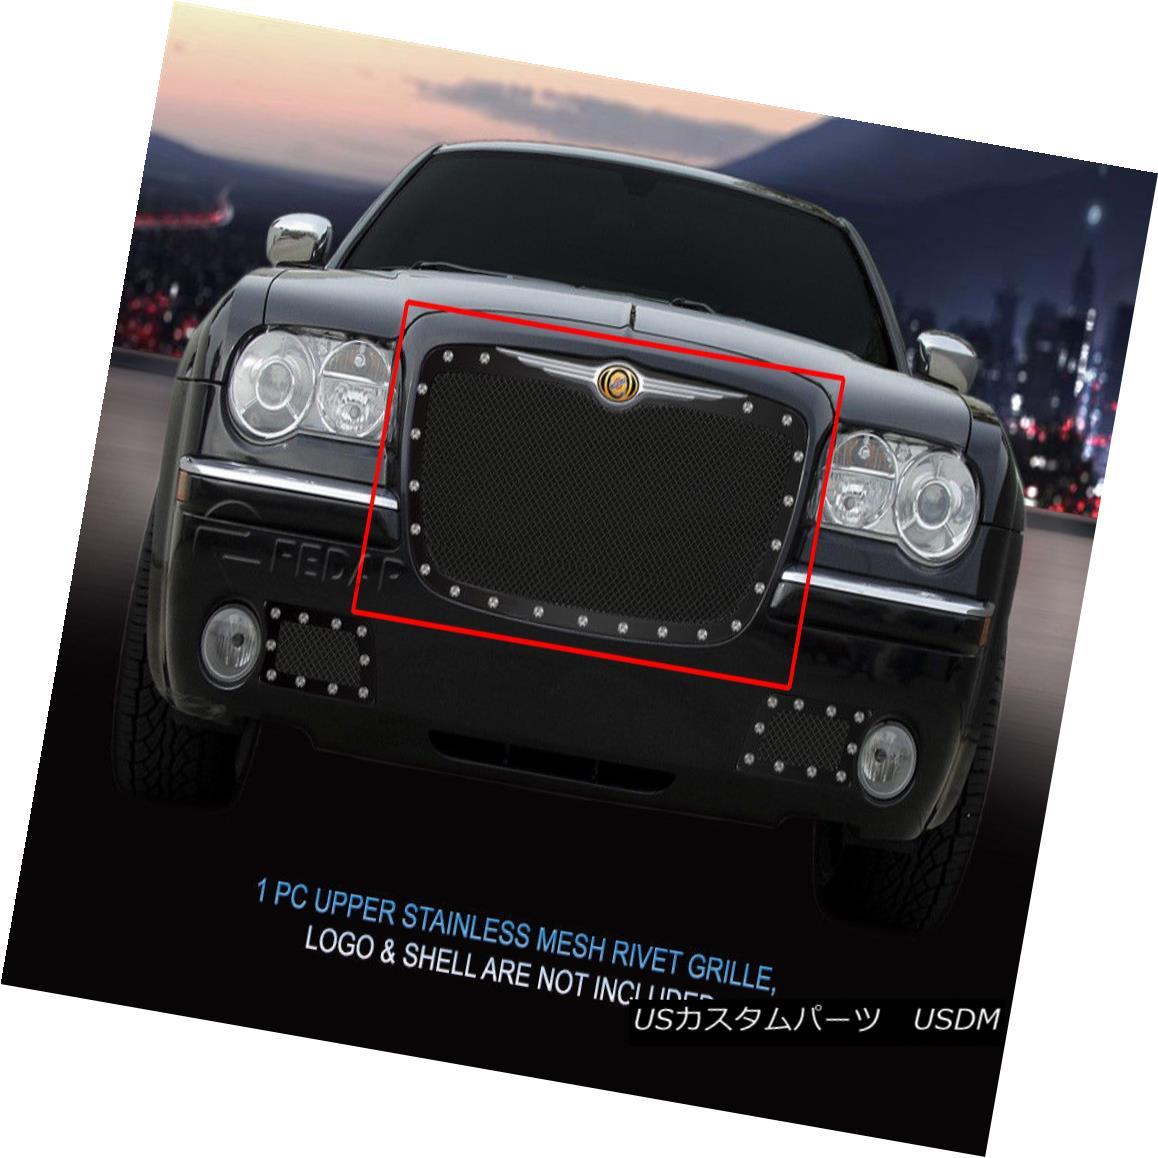 グリル Fedar Fits 05-10 Chrysler 300/300C Mesh Grille Insert Fedar Fits 05-10クライスラー300 / 300Cメッシュグリルインサート